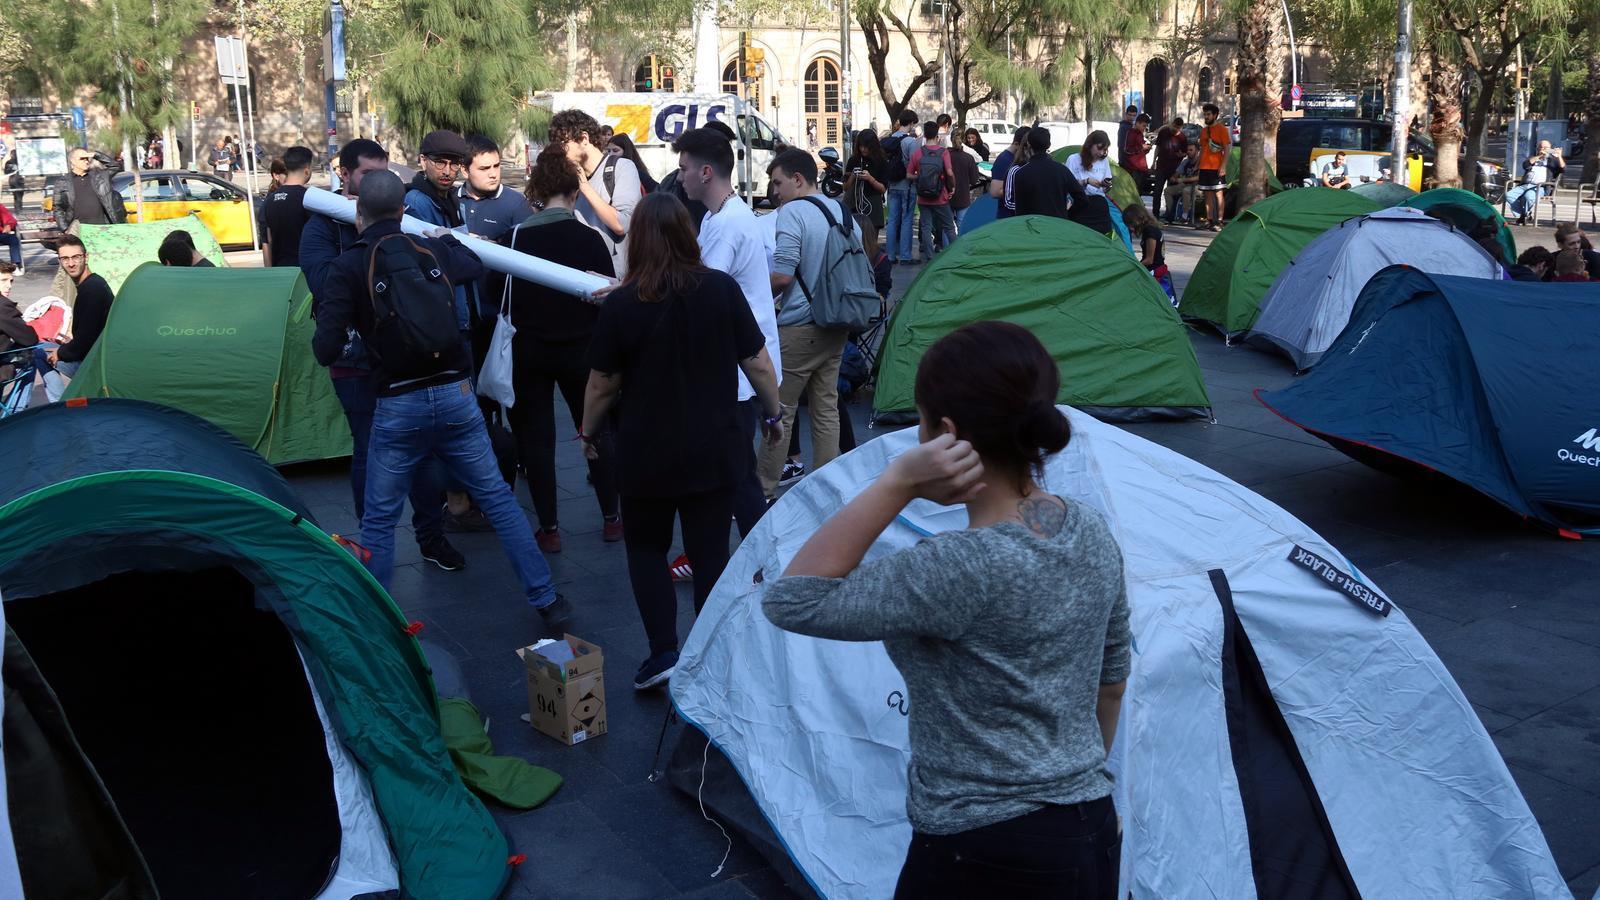 Els estudiants comencen una acampada indefinida a Barcelona contra la repressió